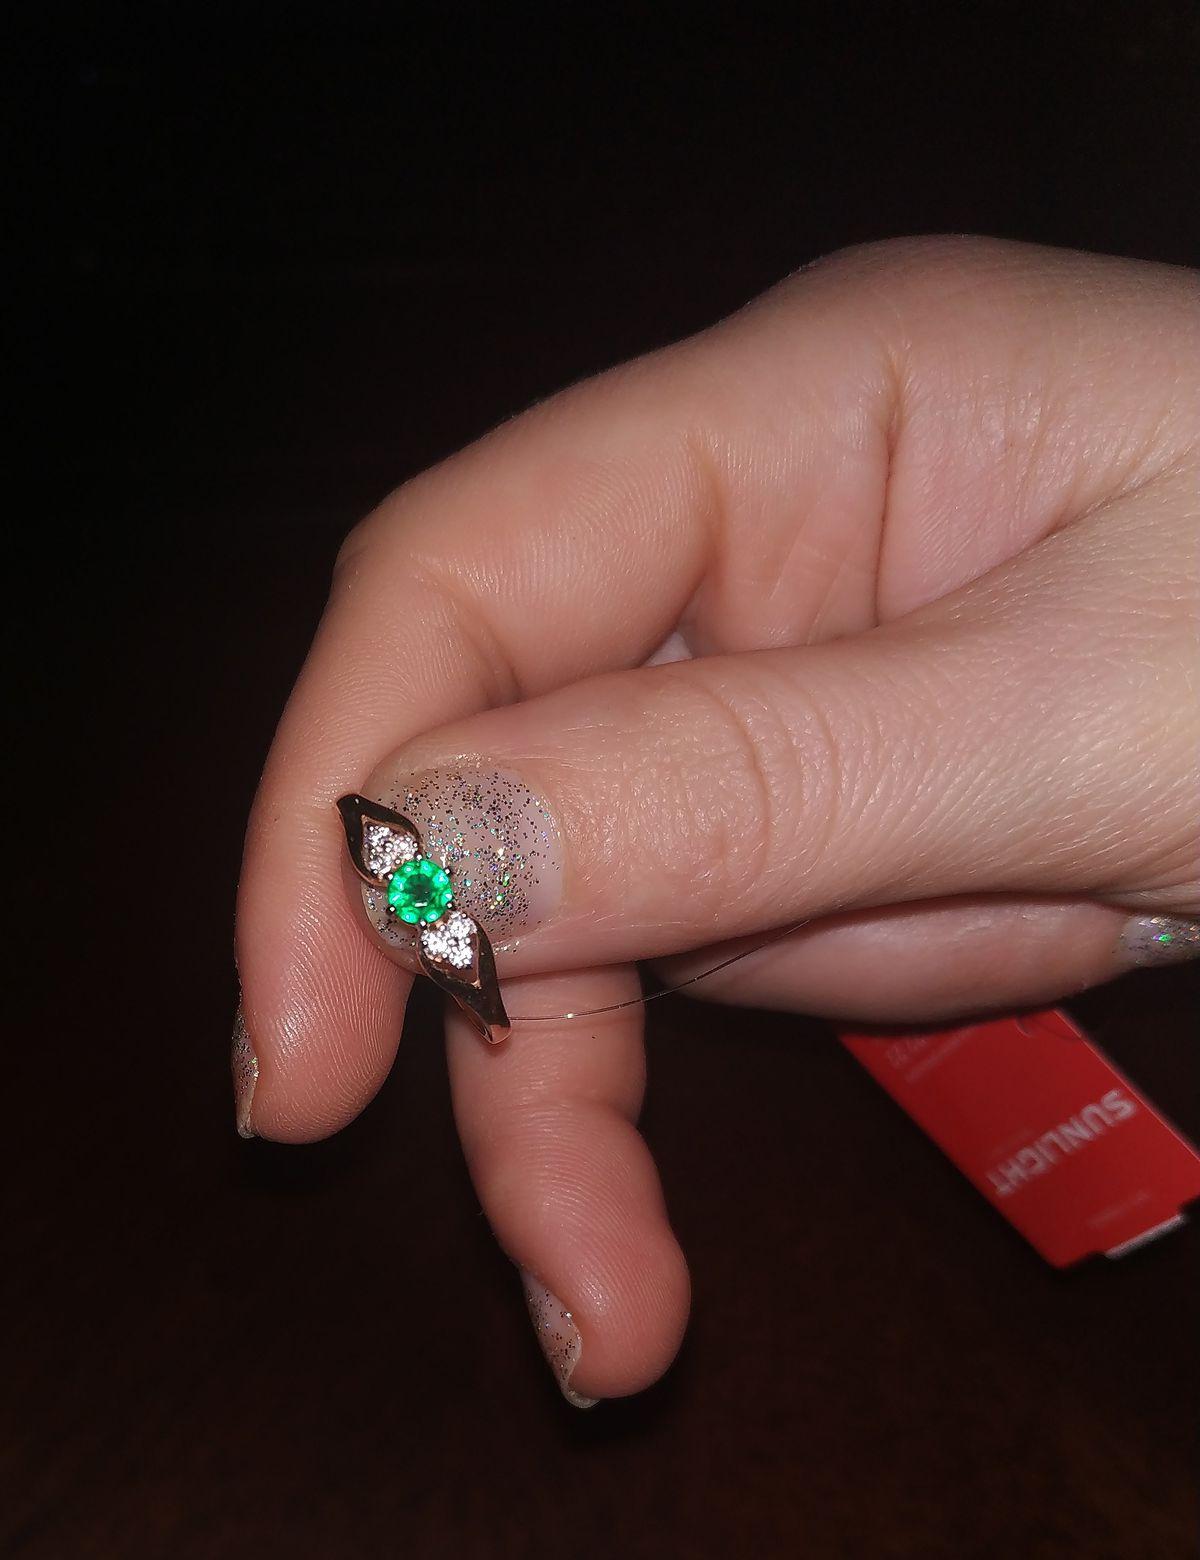 Покупка кольца с фианитом,18 размер, 585 проба.